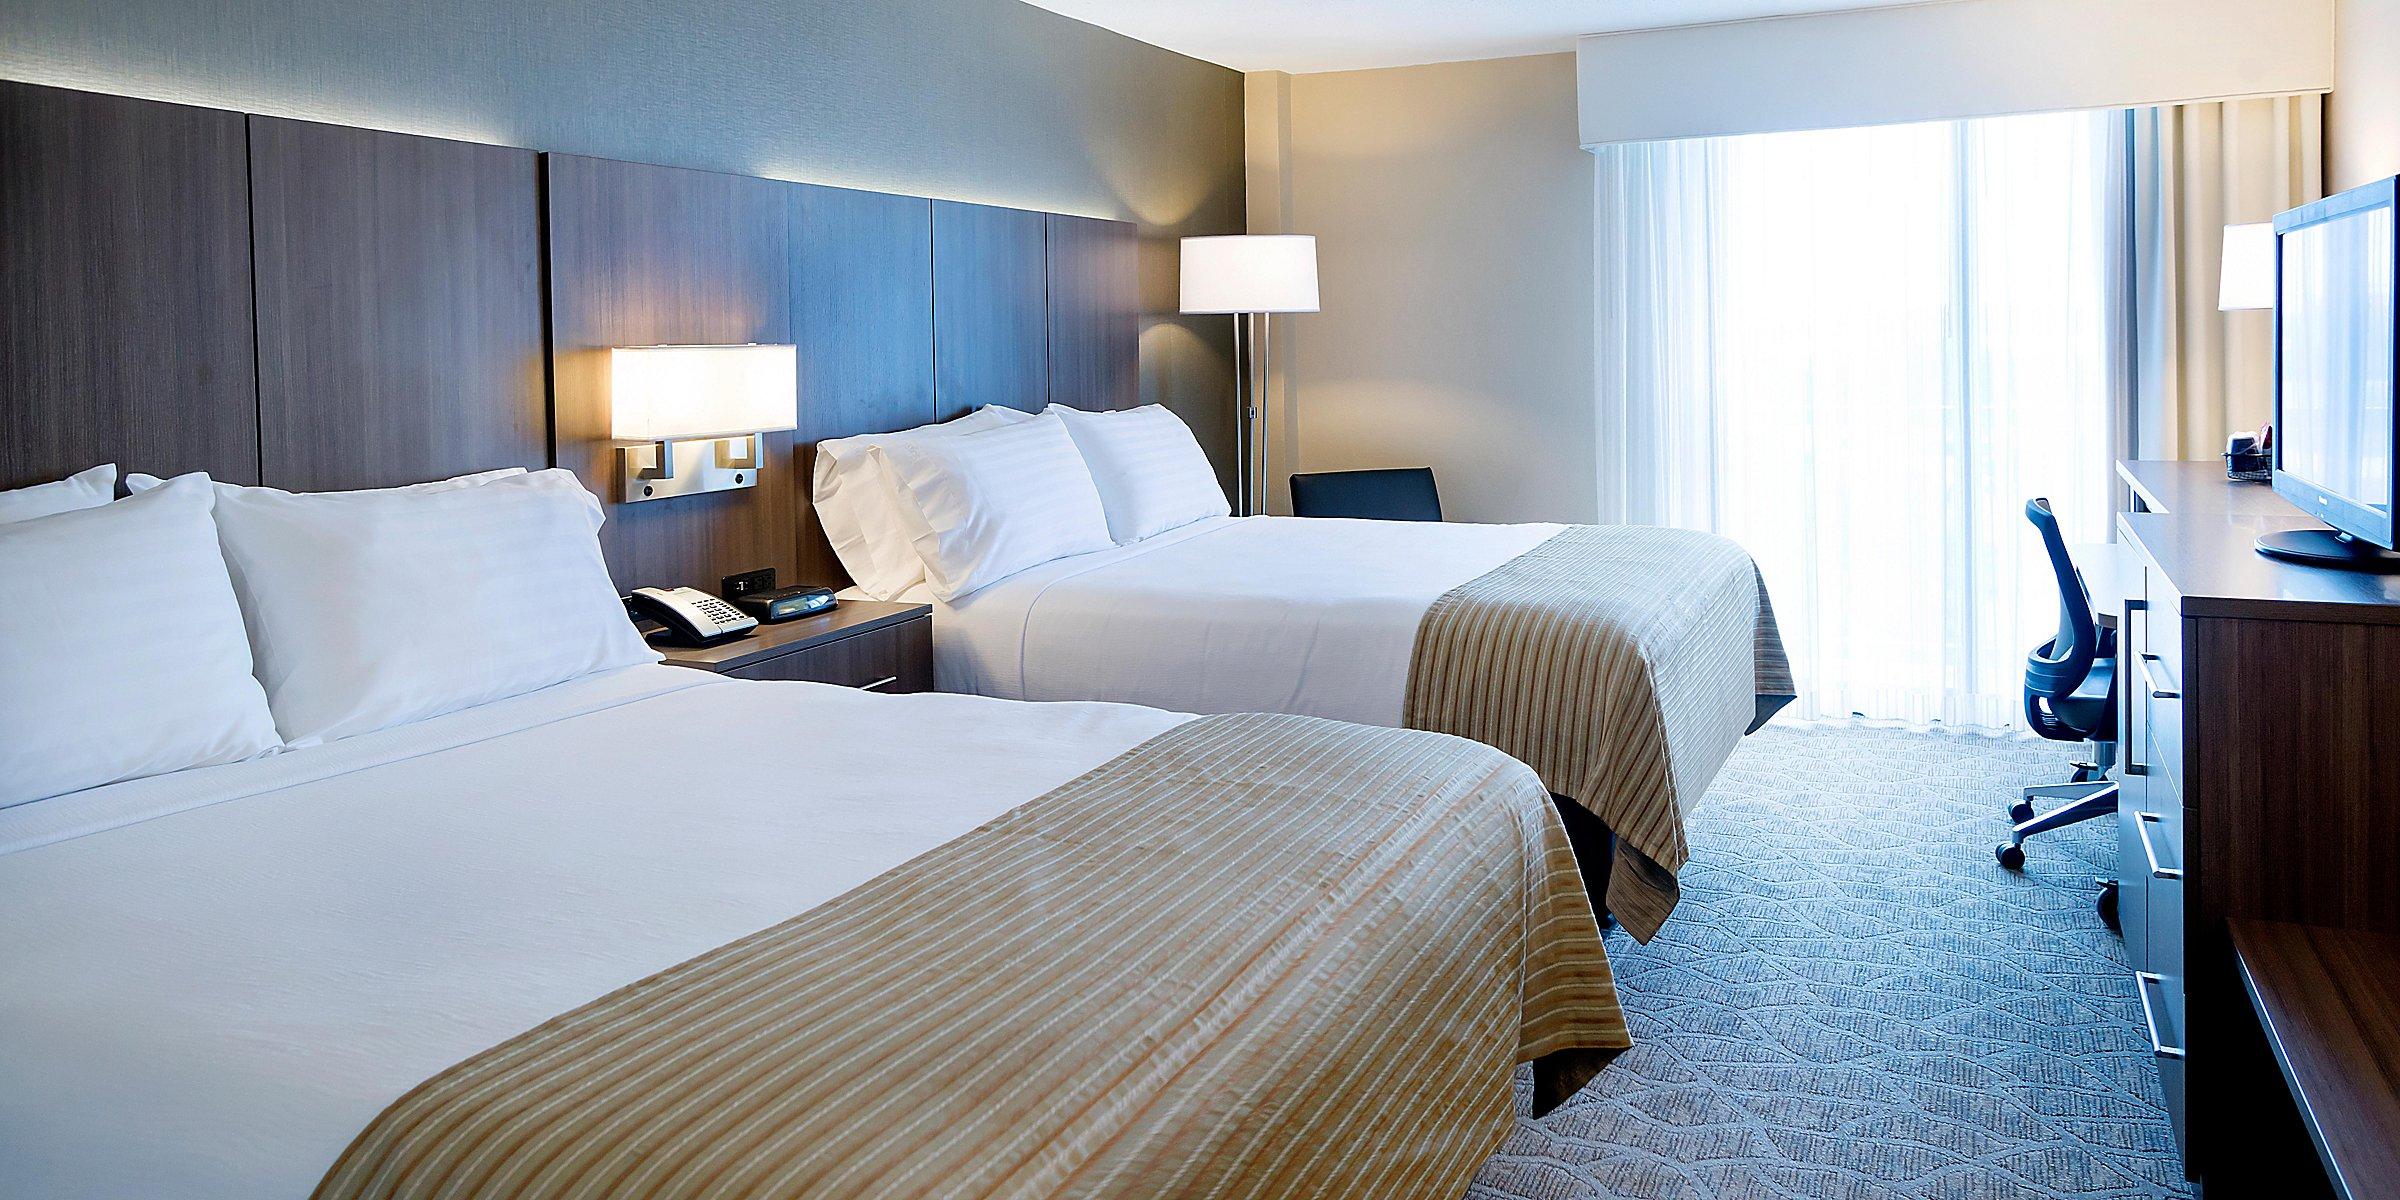 Nashville Hotels Near Vanderbilt University | Holiday Inn